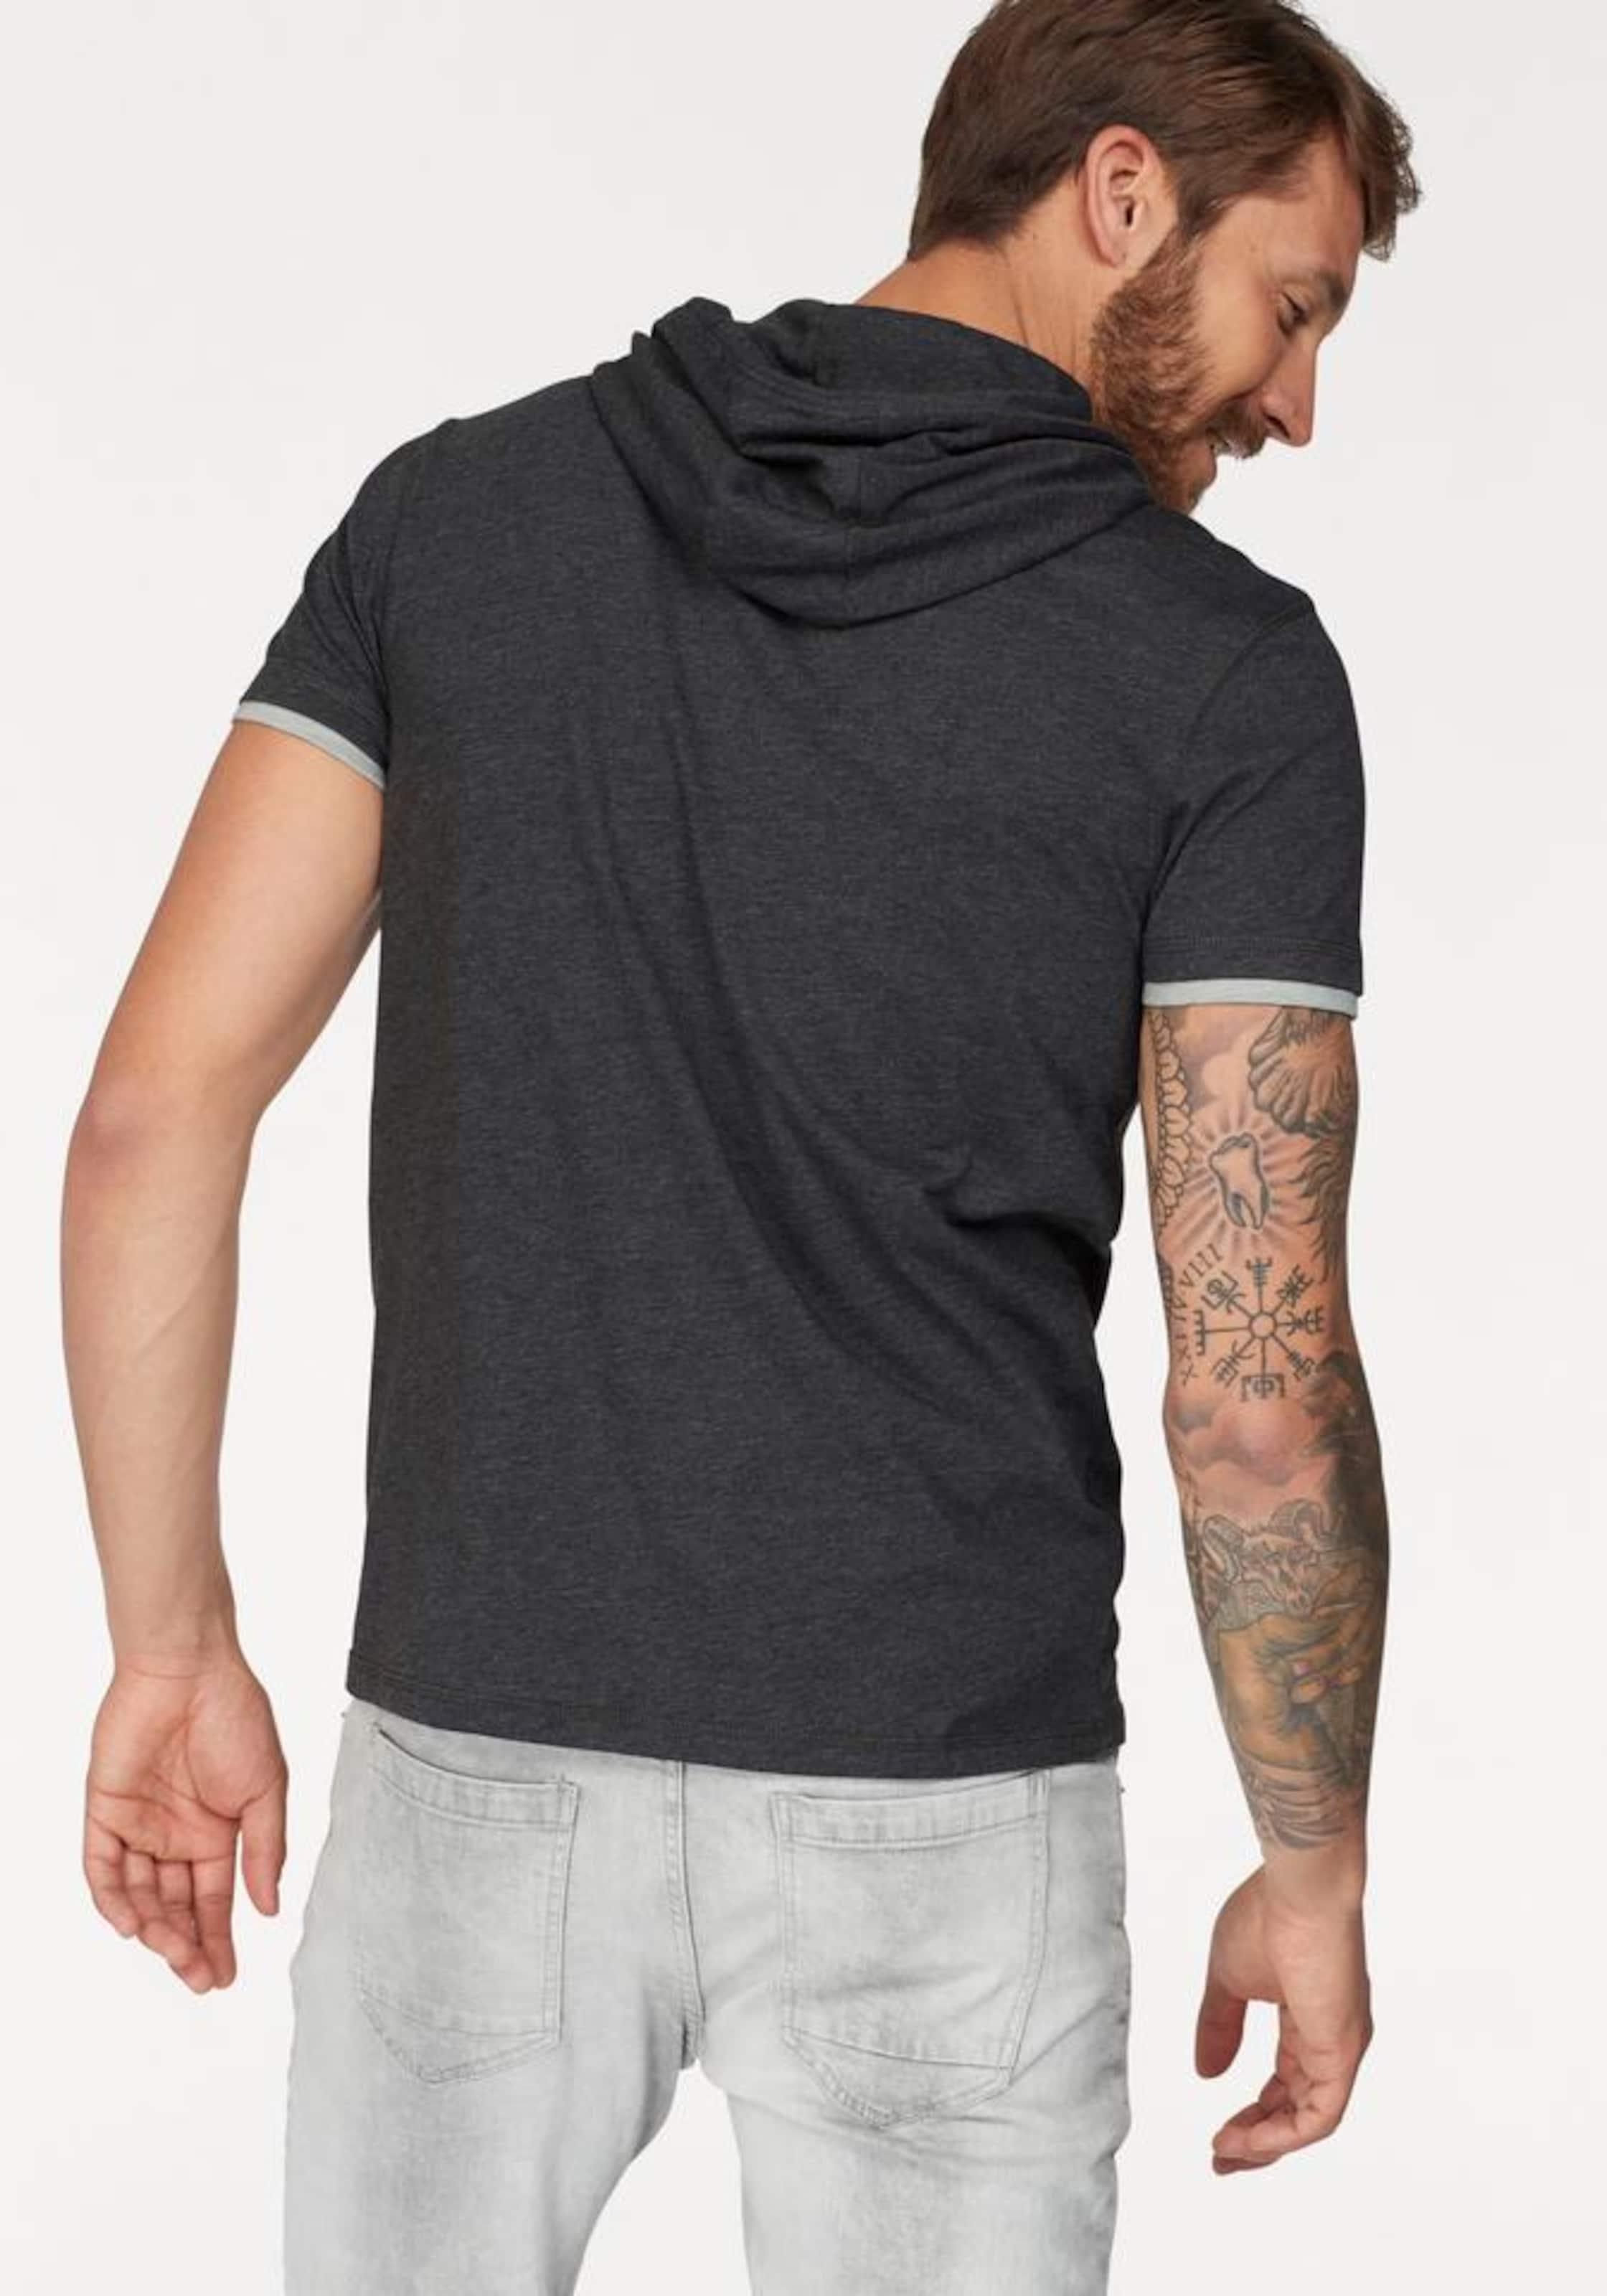 JOHN DEVIN T-Shirt Größte Anbieter lLVimV7